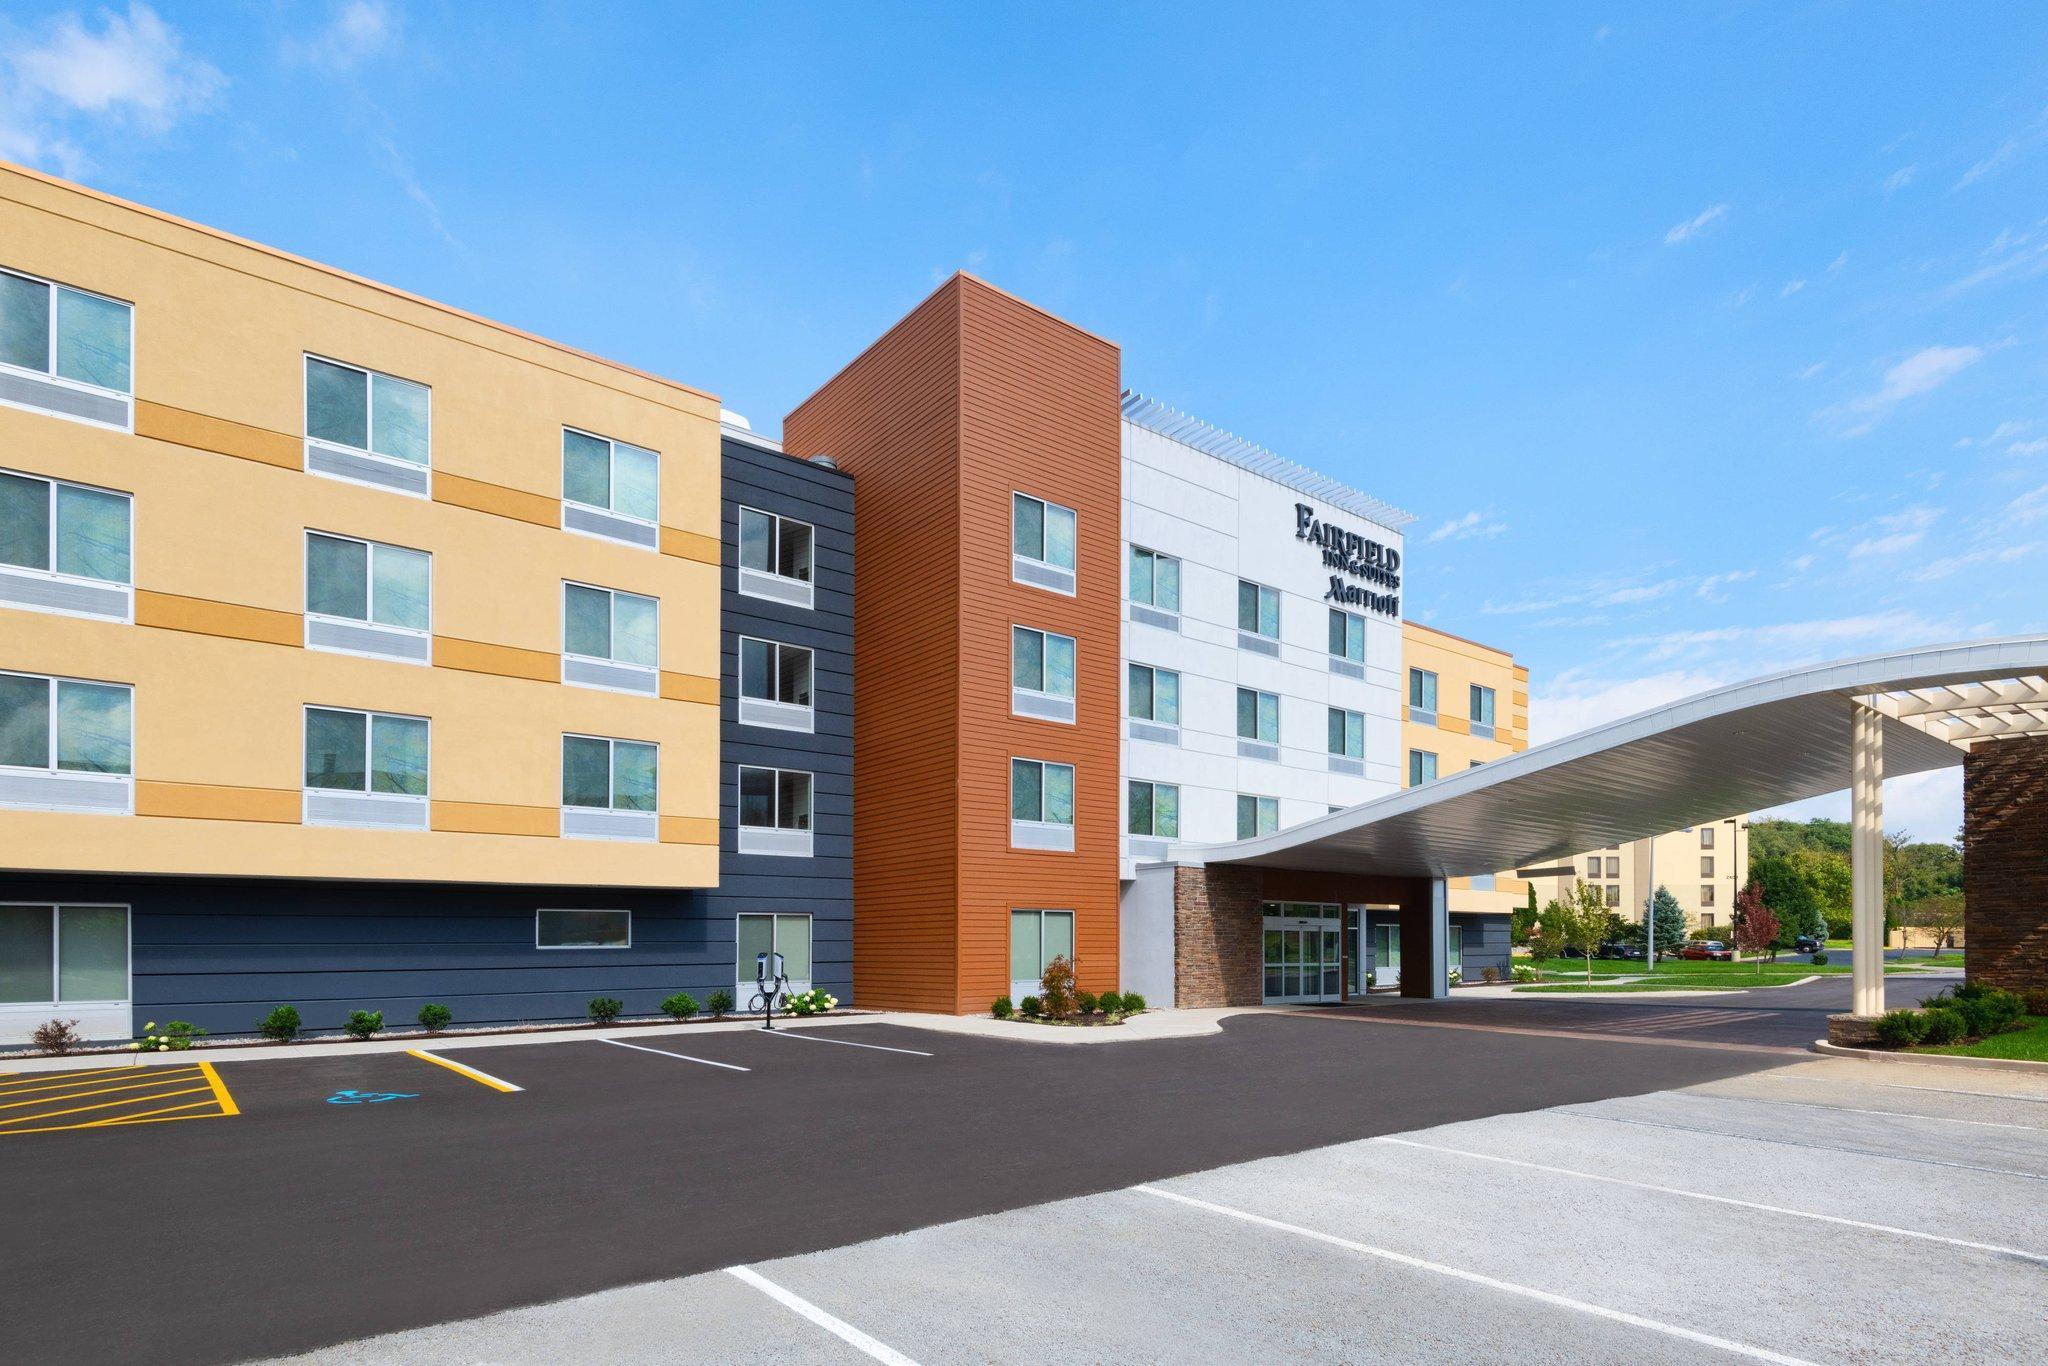 Fairfield Inn And Suites Lexington East I 75